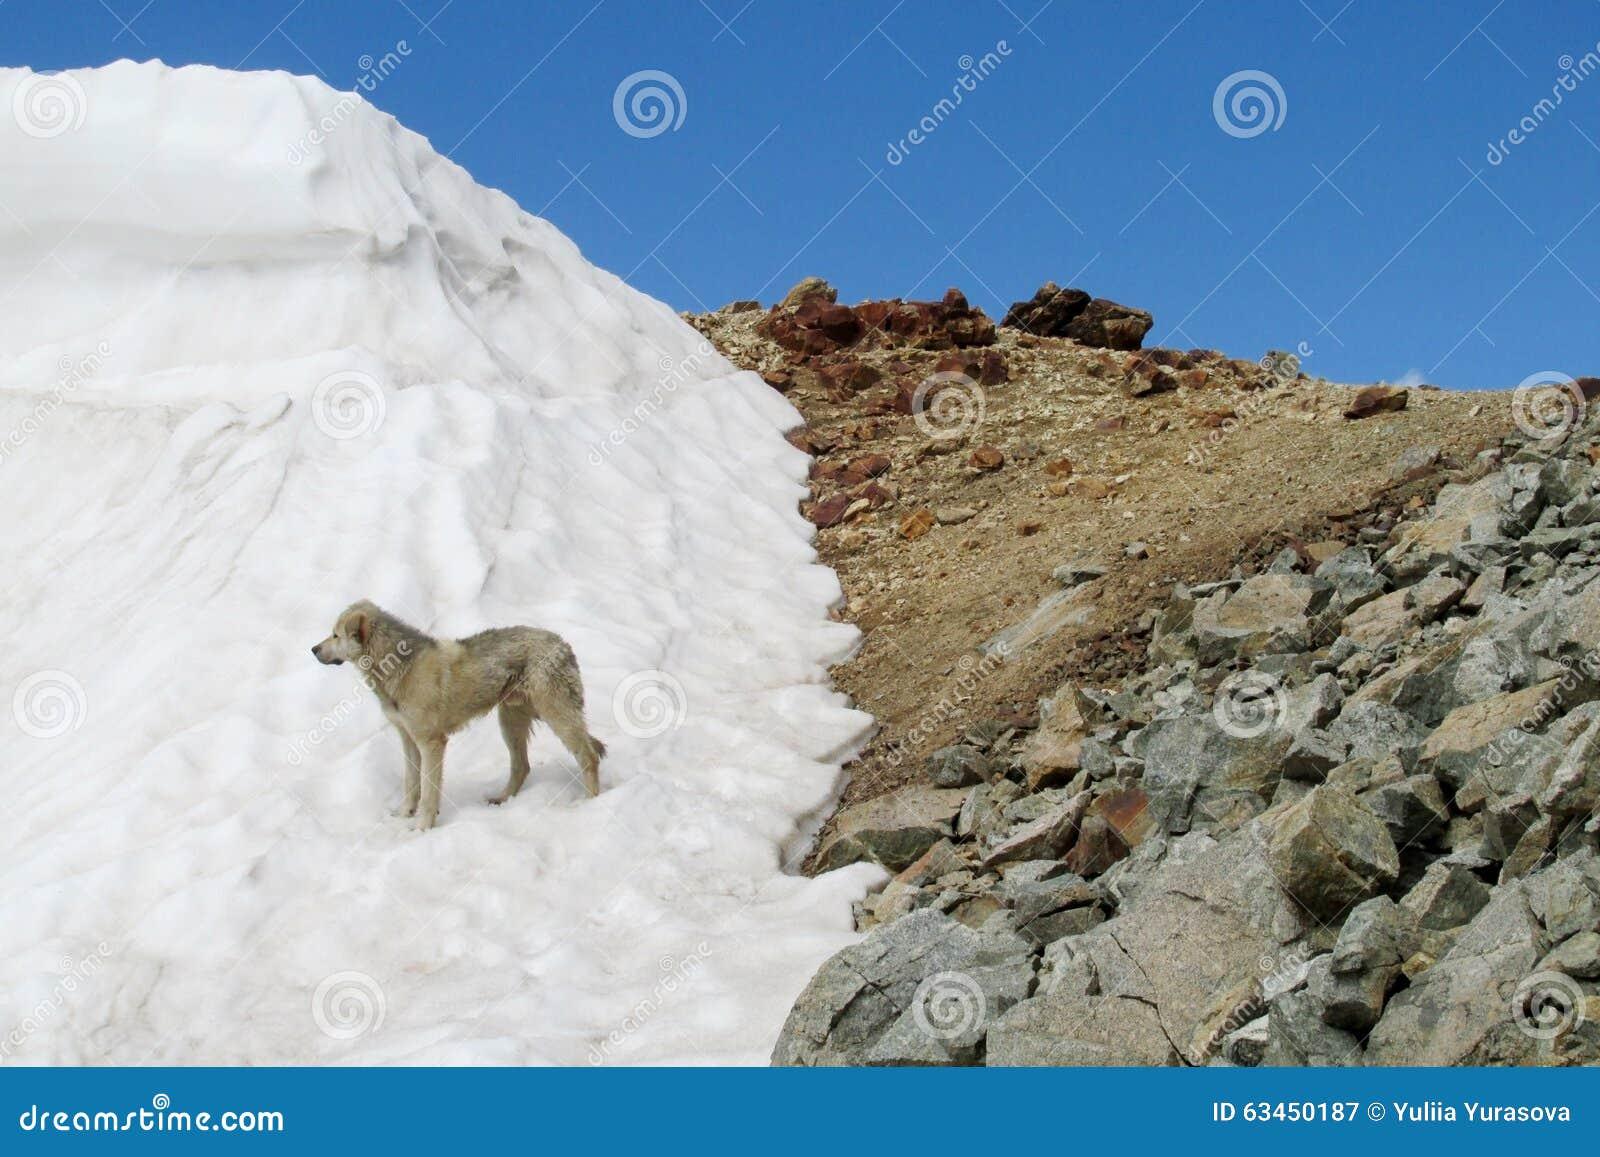 Un perro en la nieve y la cordillera rocosa